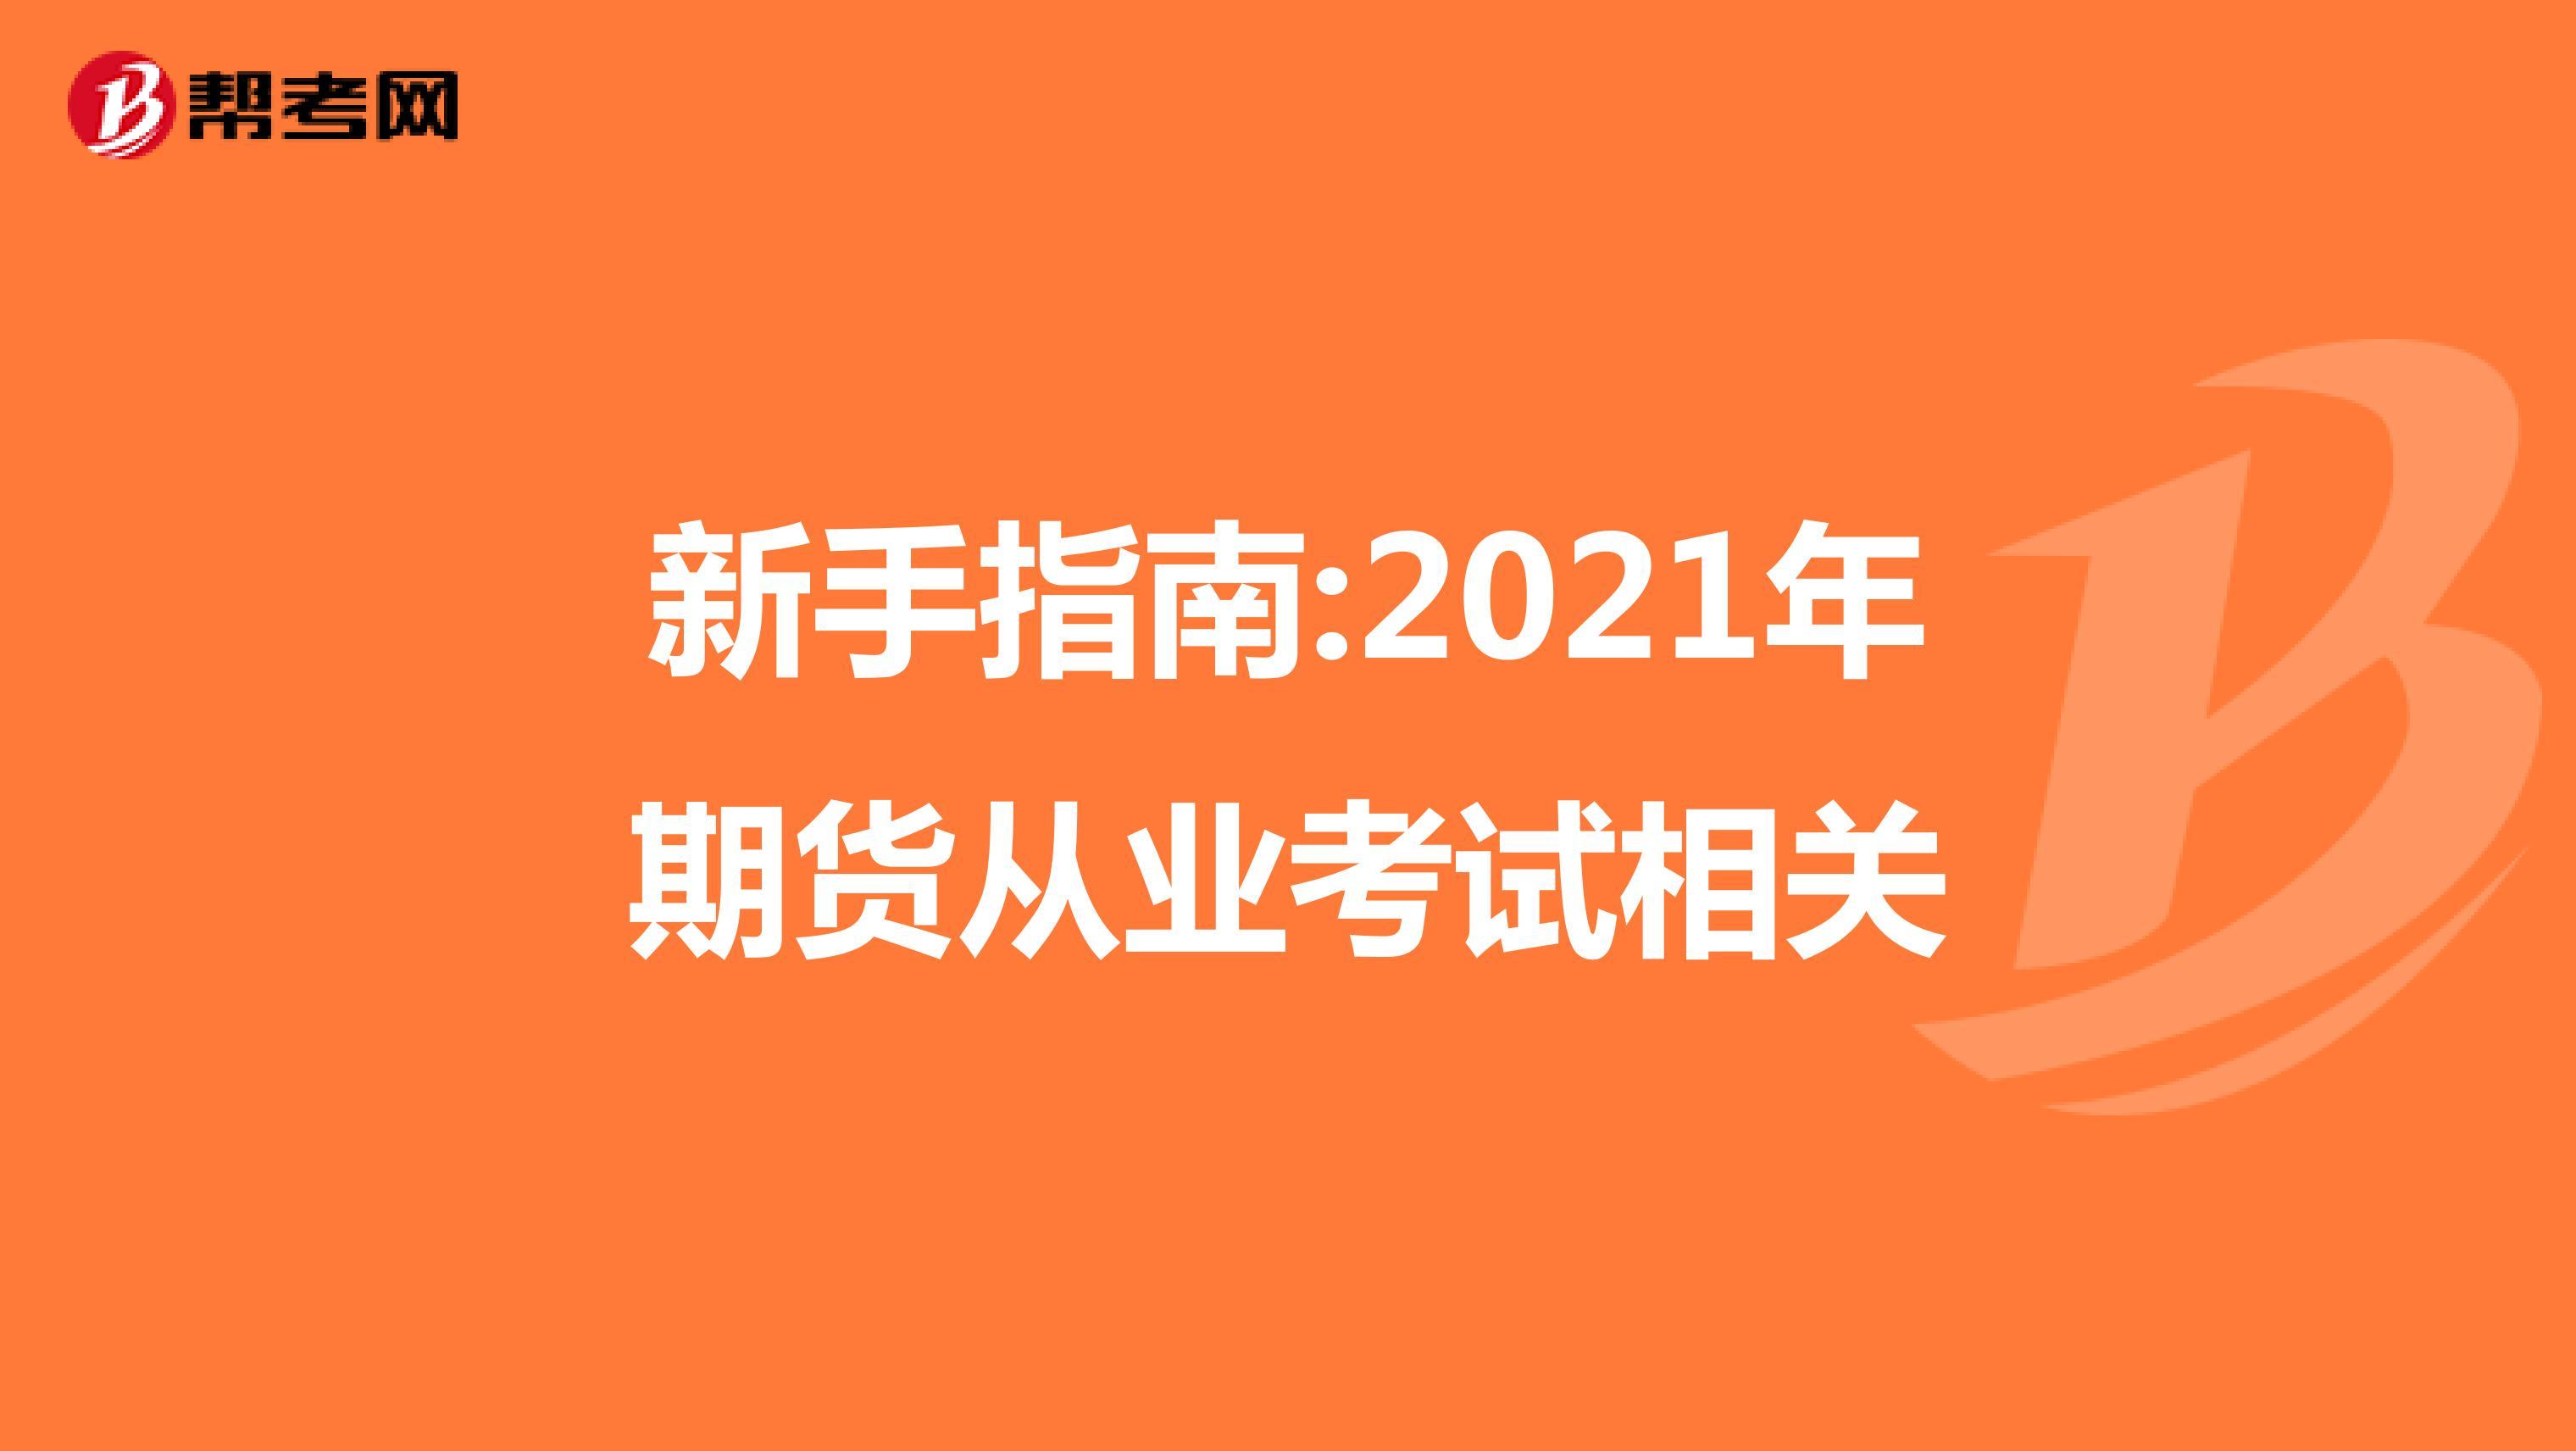 新手指南:2021年期货从业考试相关